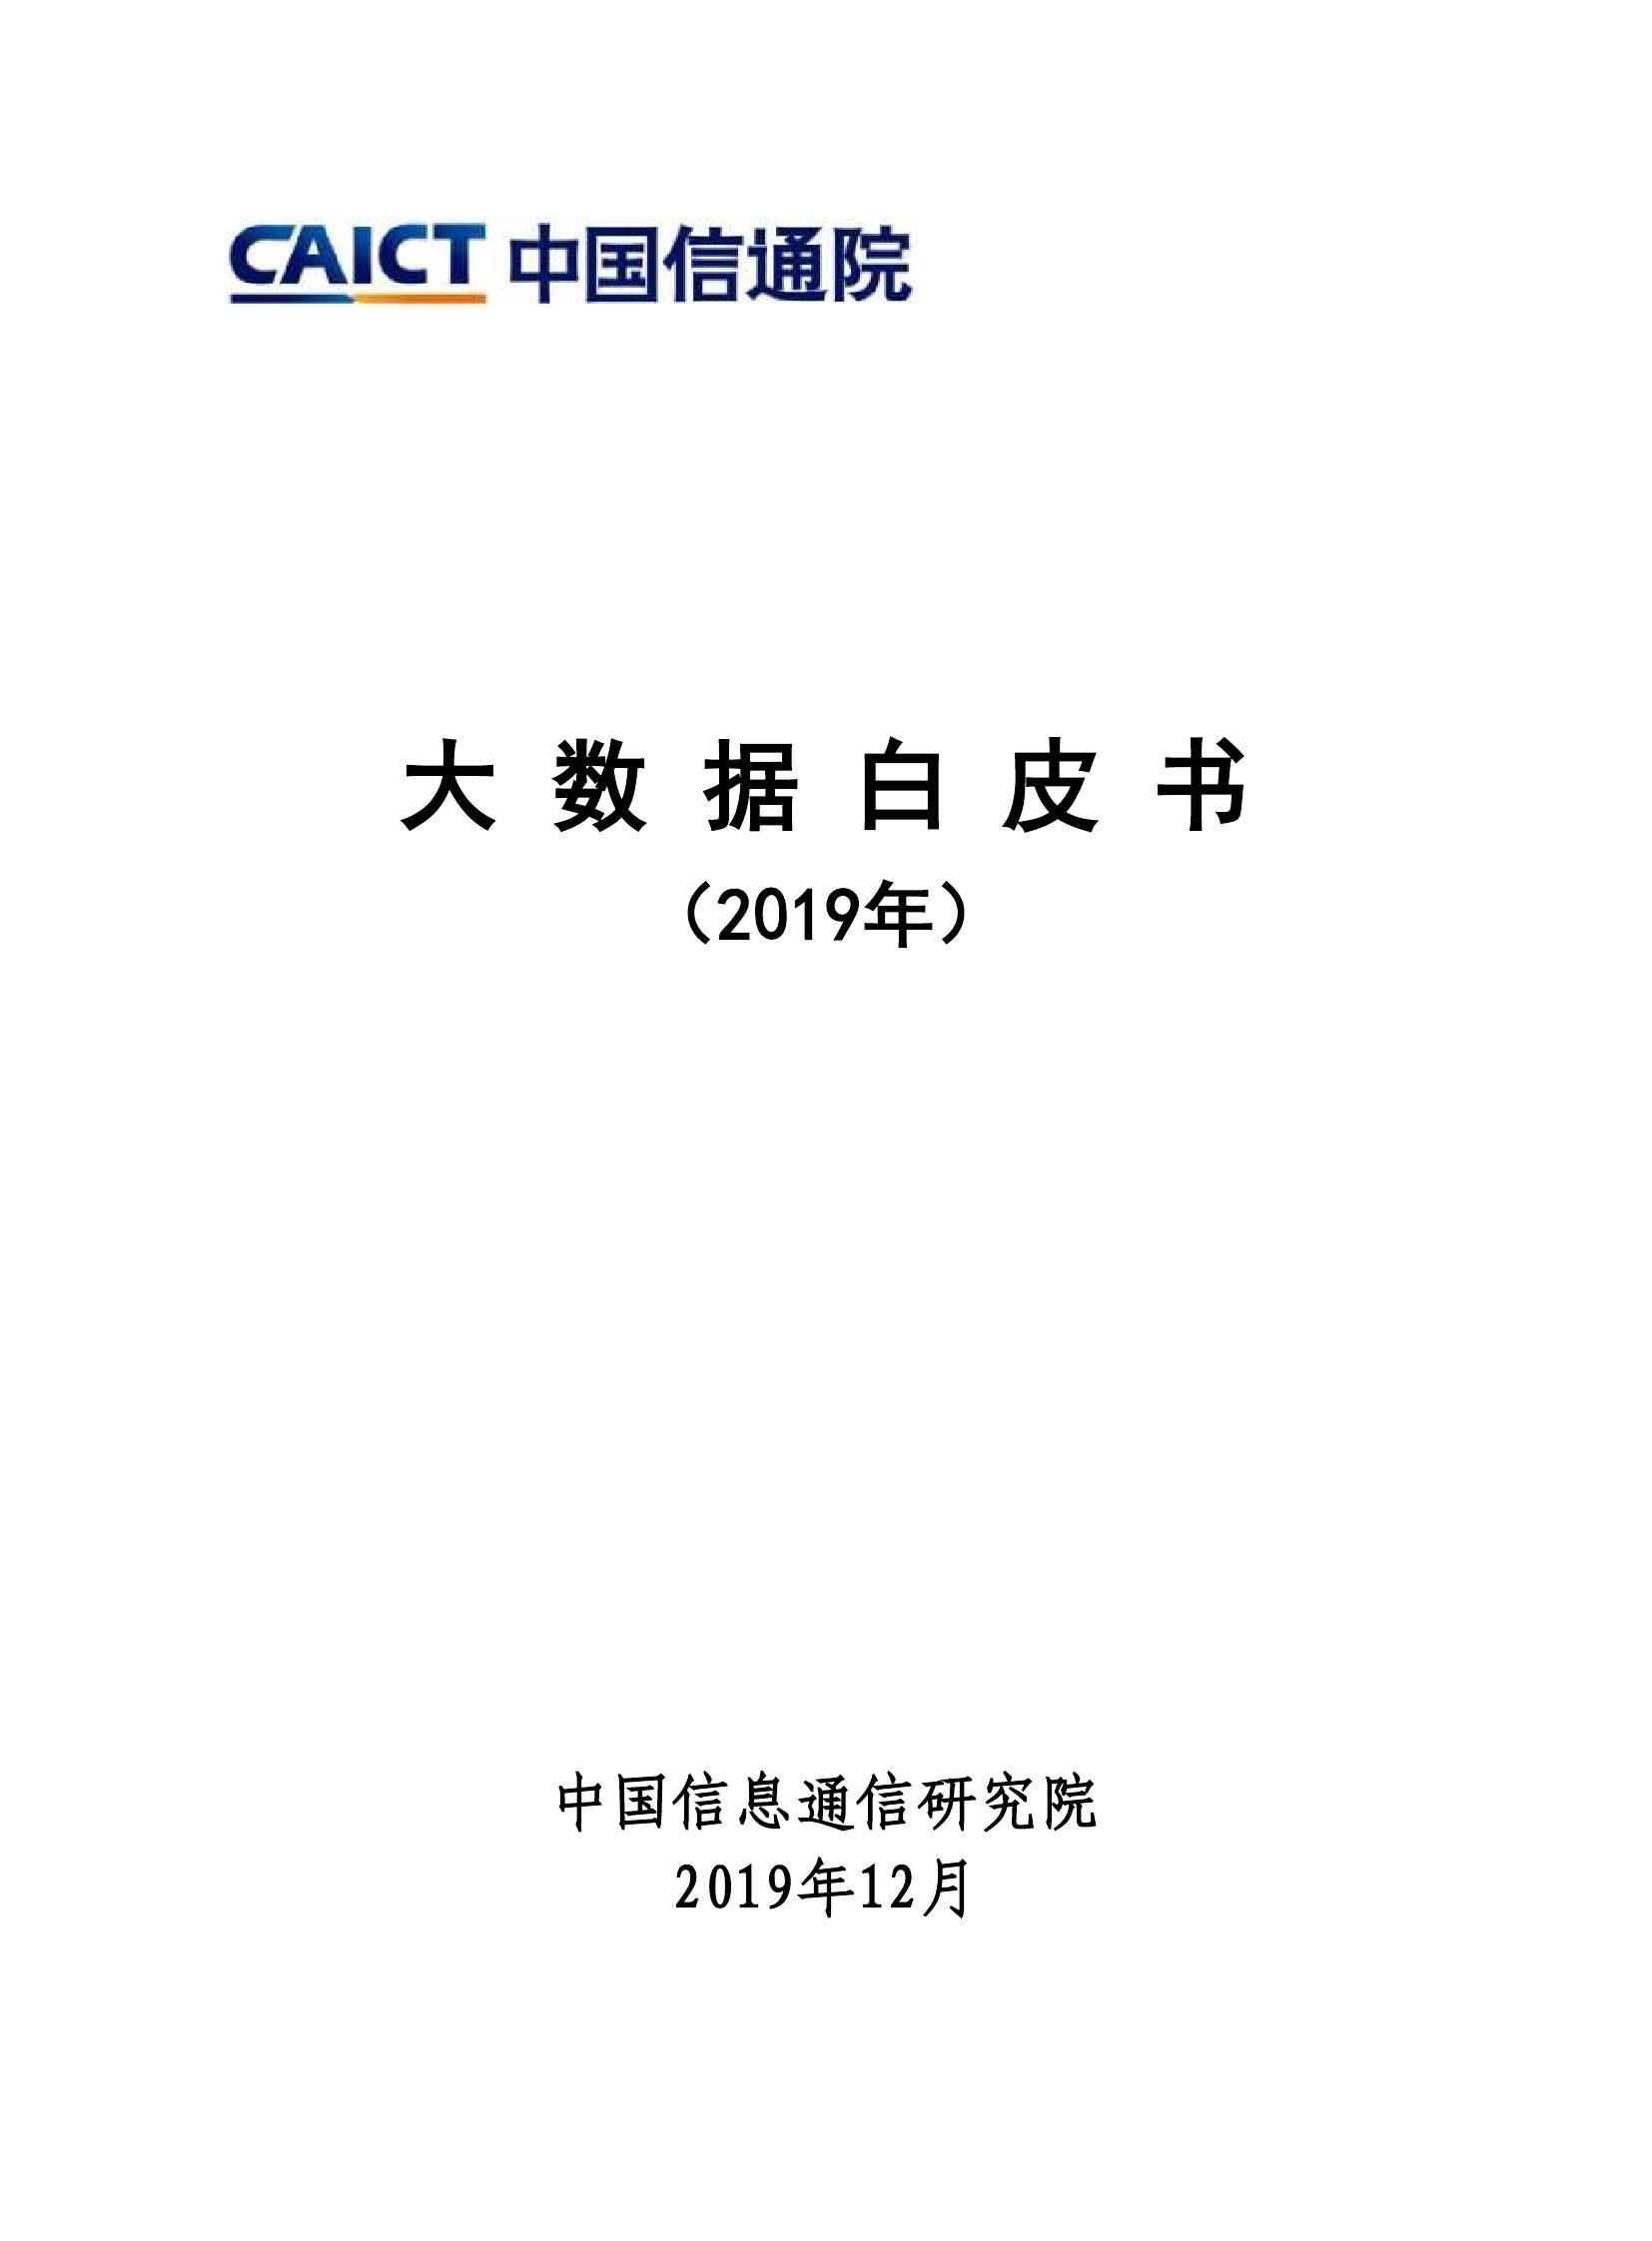 http://www.reviewcode.cn/jiagousheji/103173.html